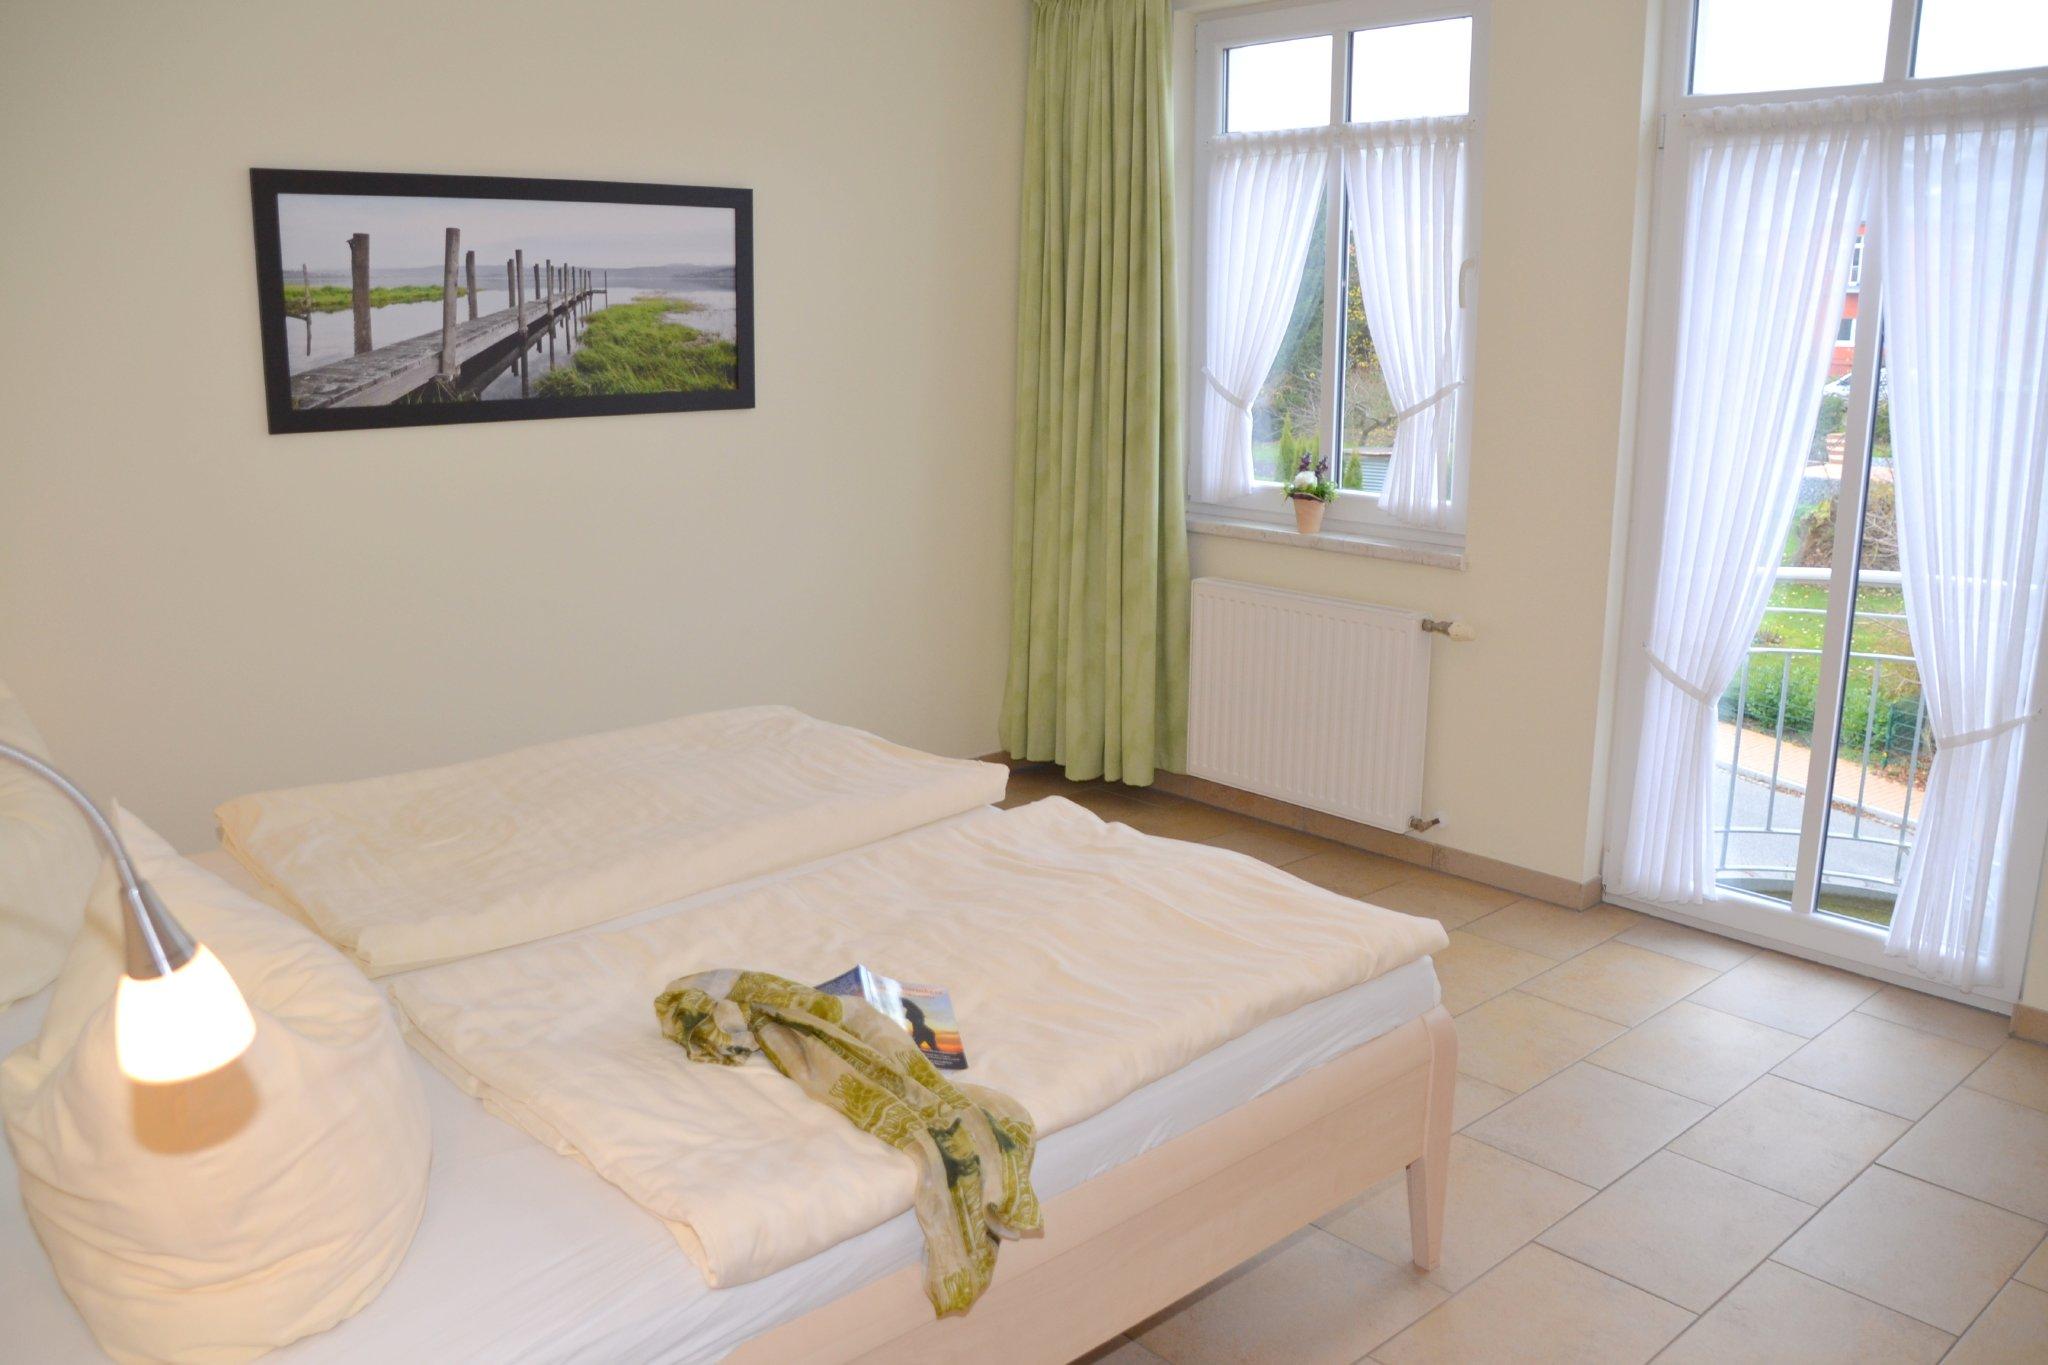 Schlafzimmer mit Stehbalkon